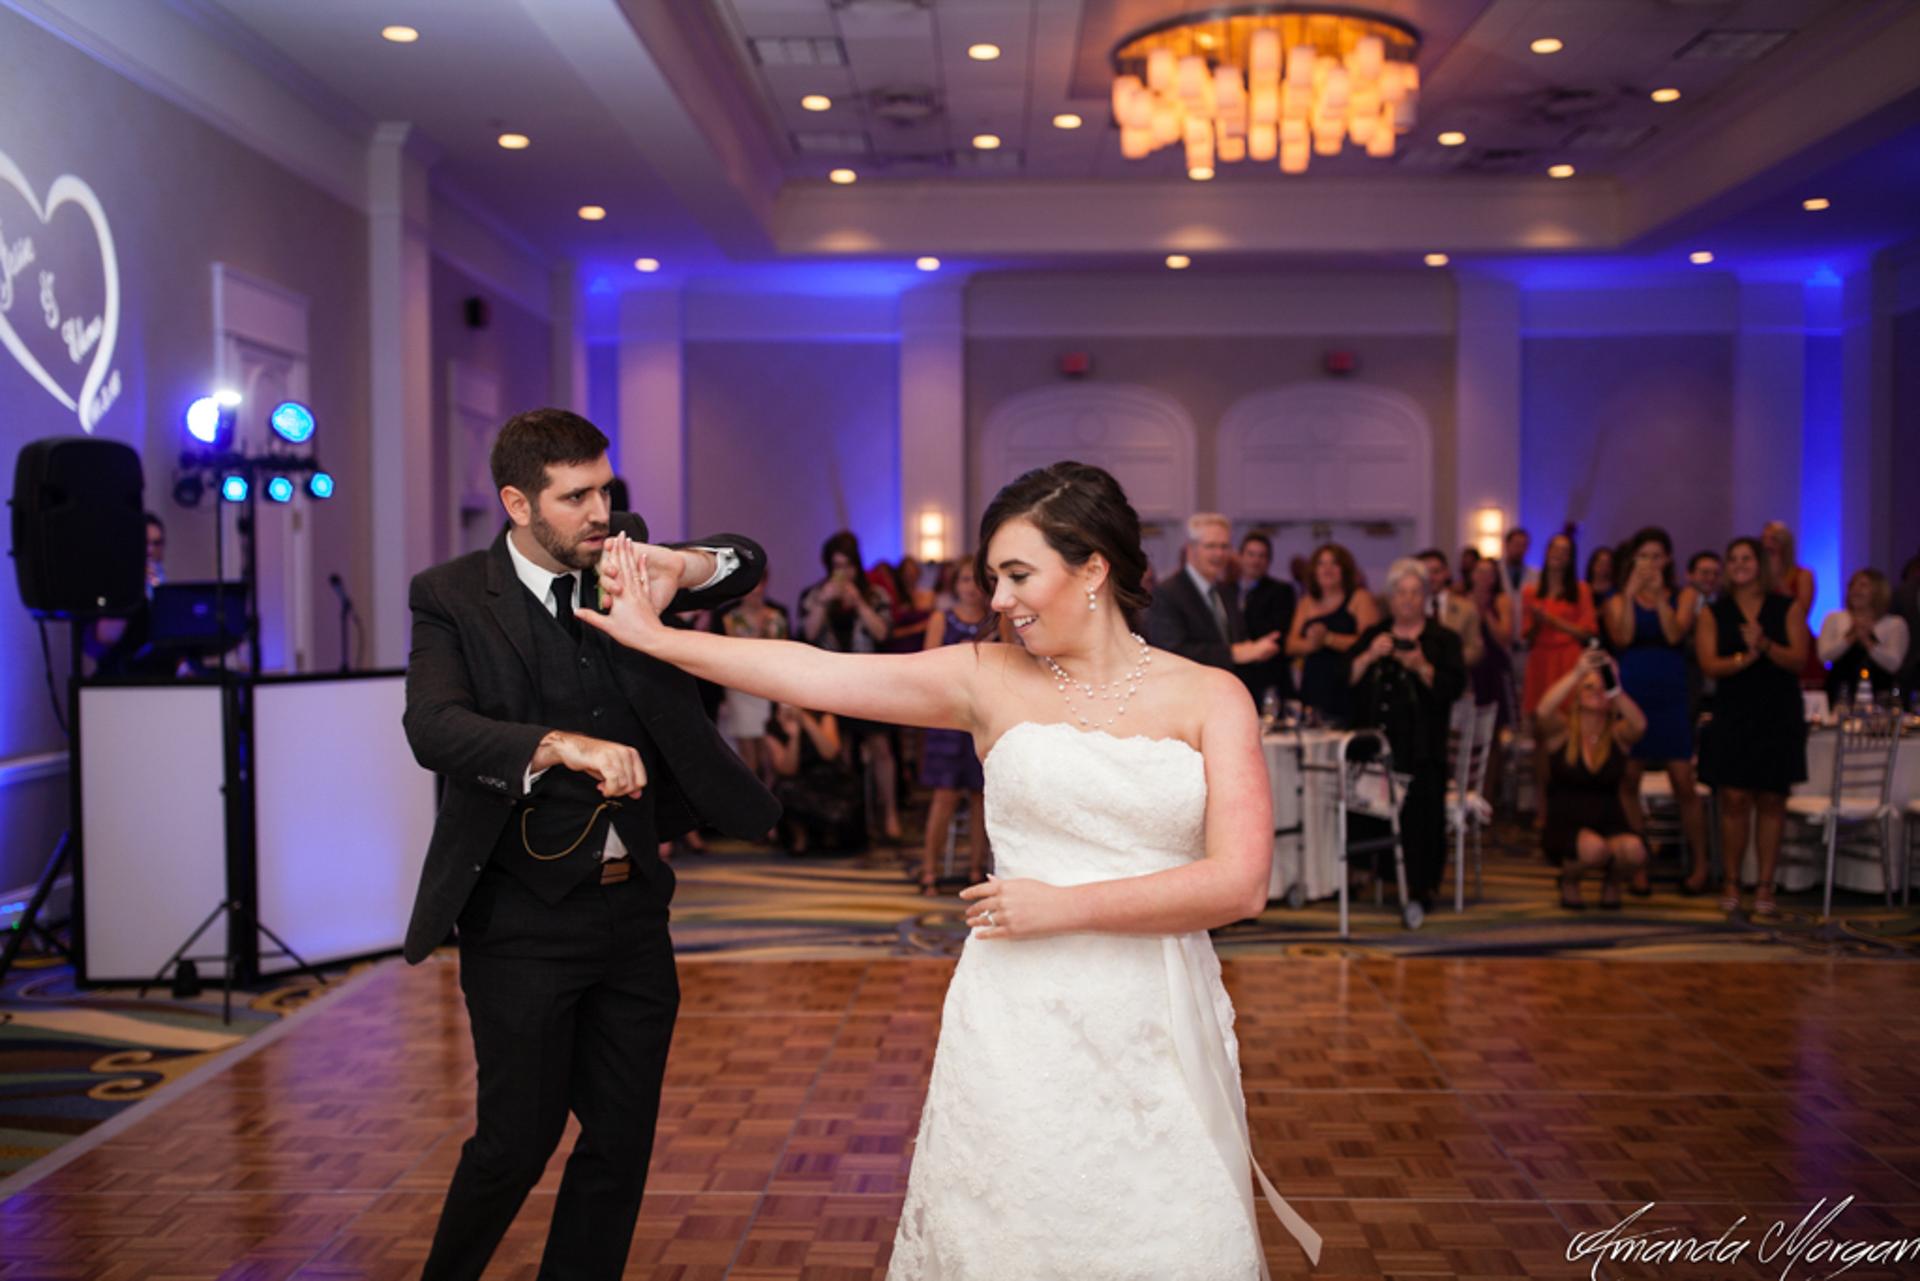 hyatt-regency-newport-wedding-65.jpg